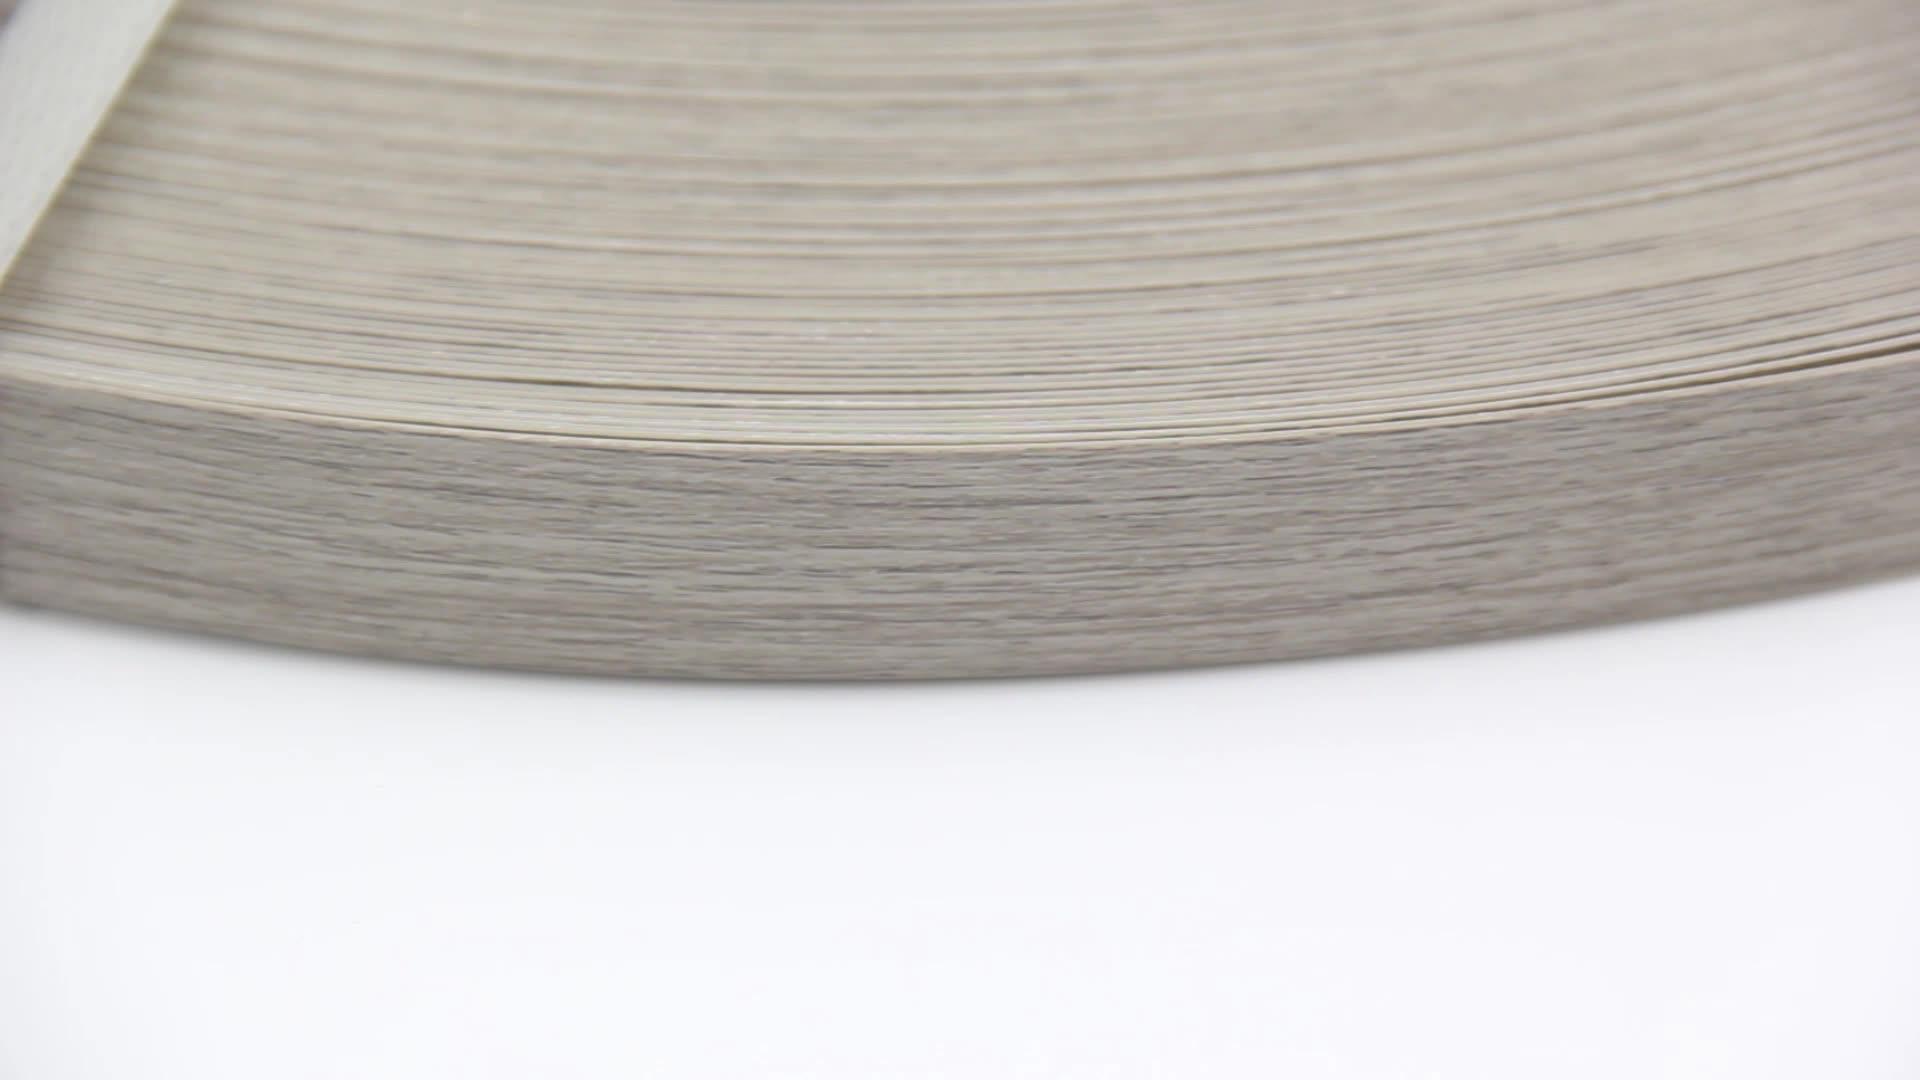 Fábrica de alta Qualidade Armário de Cozinha Cor De Madeira Da Grão borda a Borda de Plástico Pvc Flexível